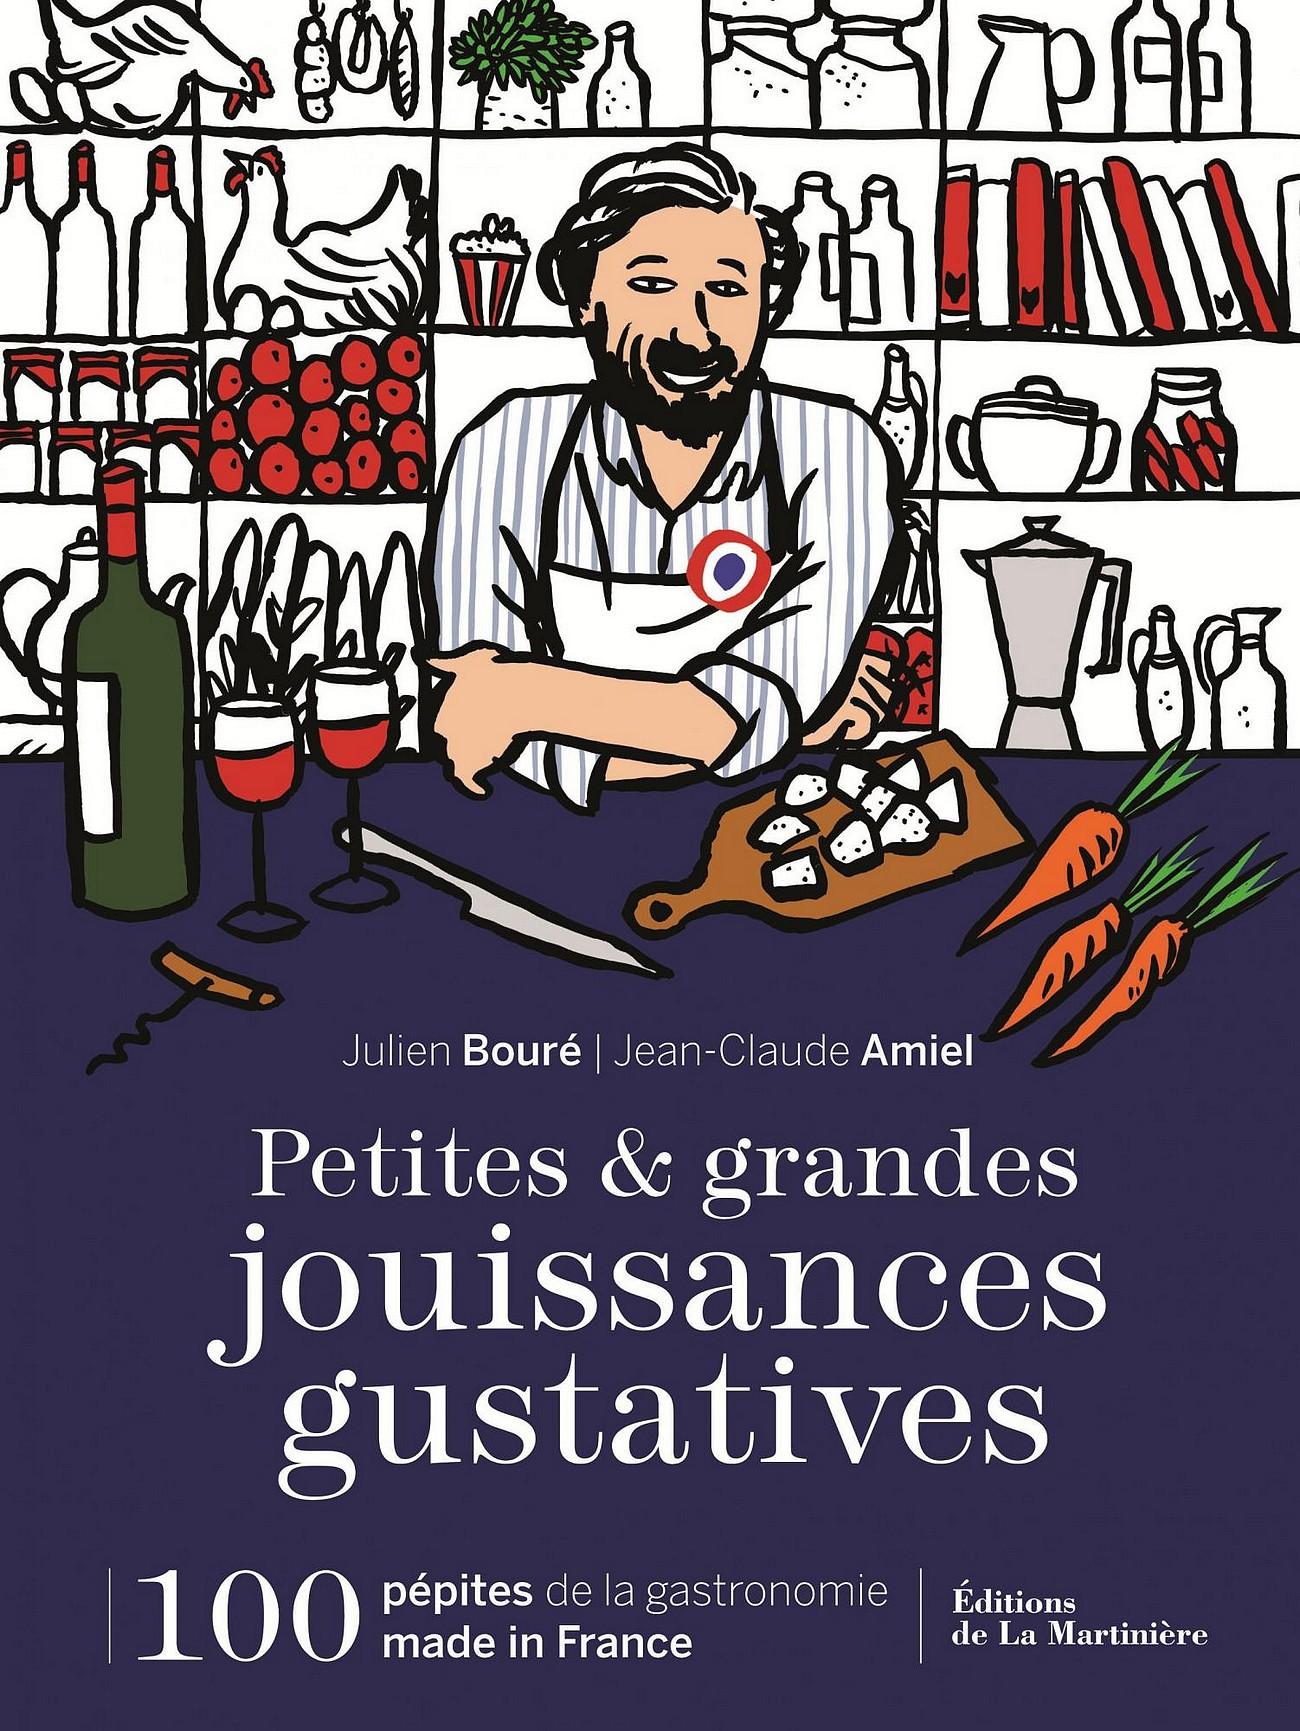 Petites et grandes jouissances gustatives, Julien Bouré, Jean-Claude Amiel, Editions de la Martinière, 2018 ©